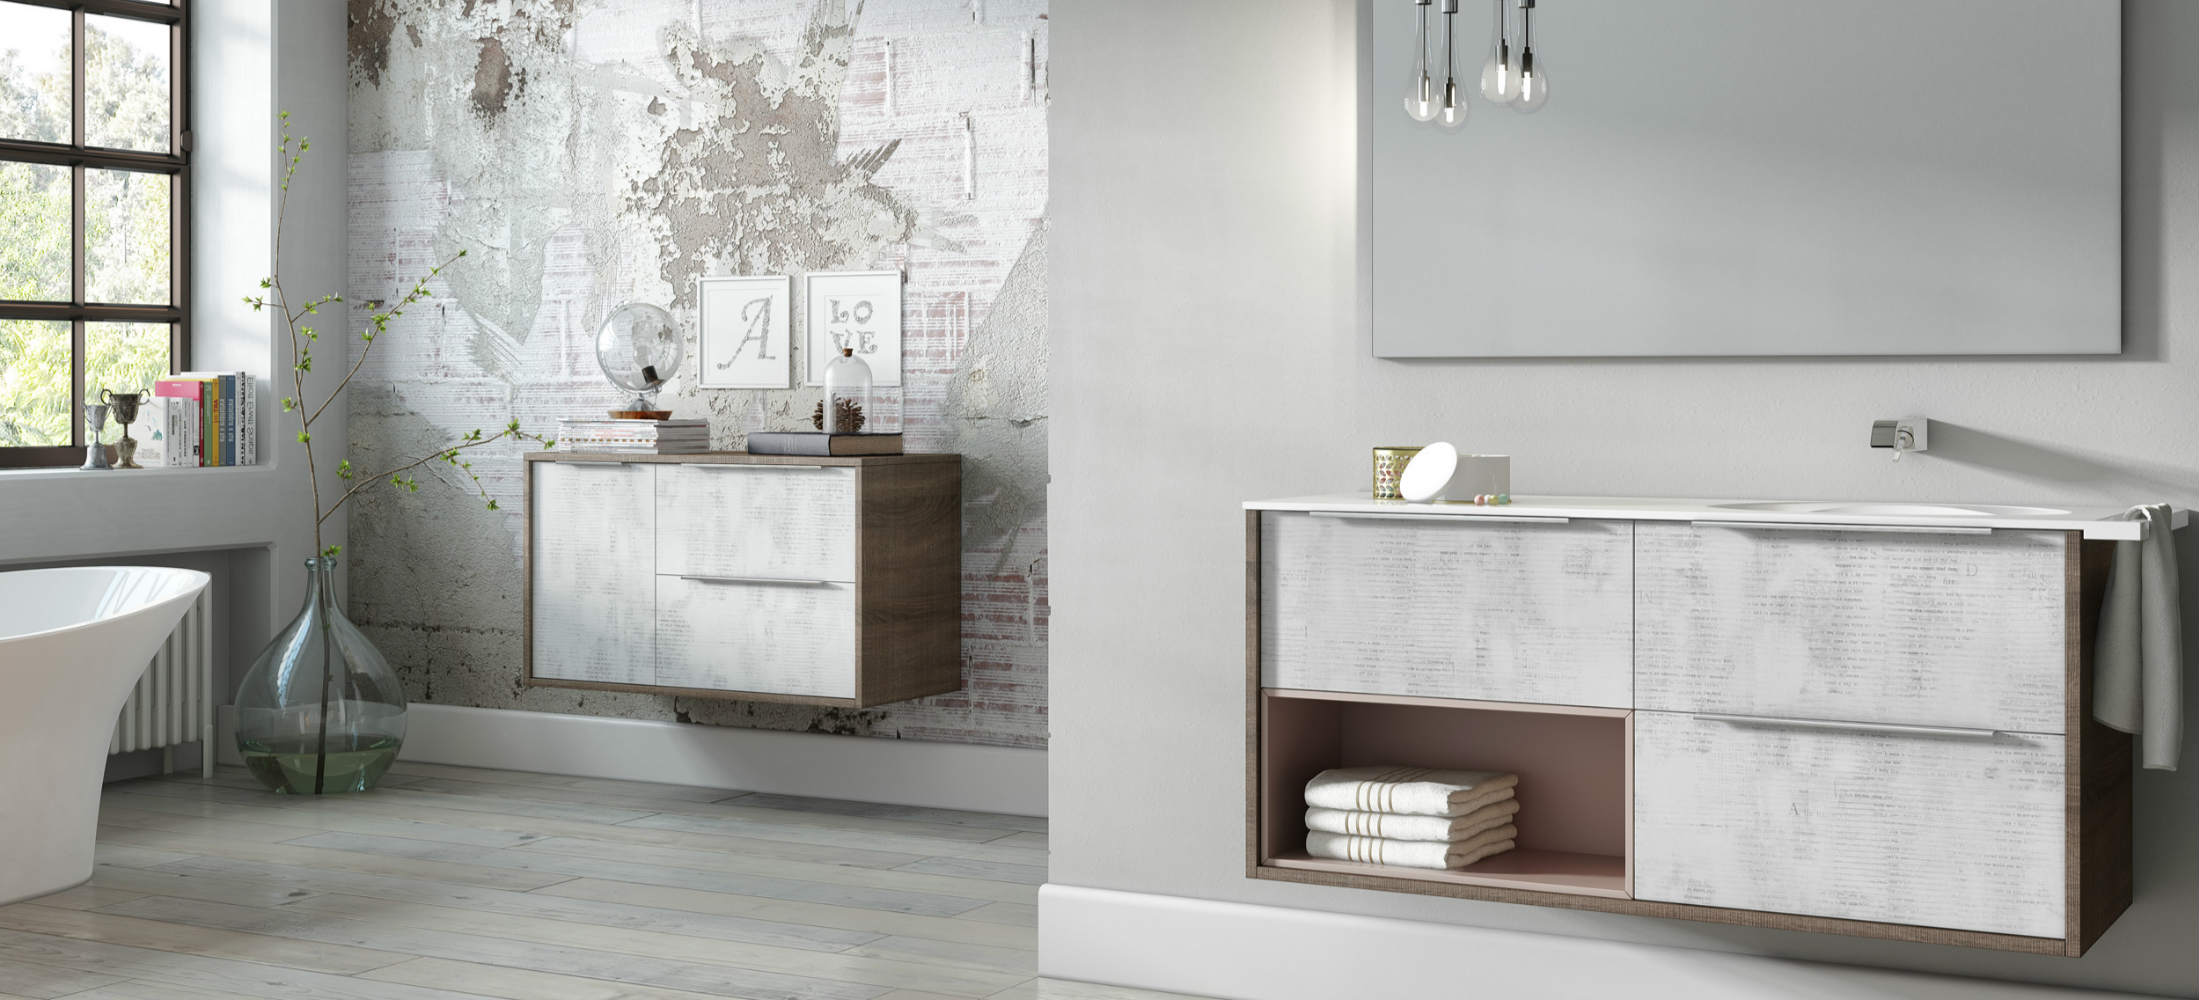 Ceramicas sanitarios muebles ba o comercial ceramista for Muebles sanitarios